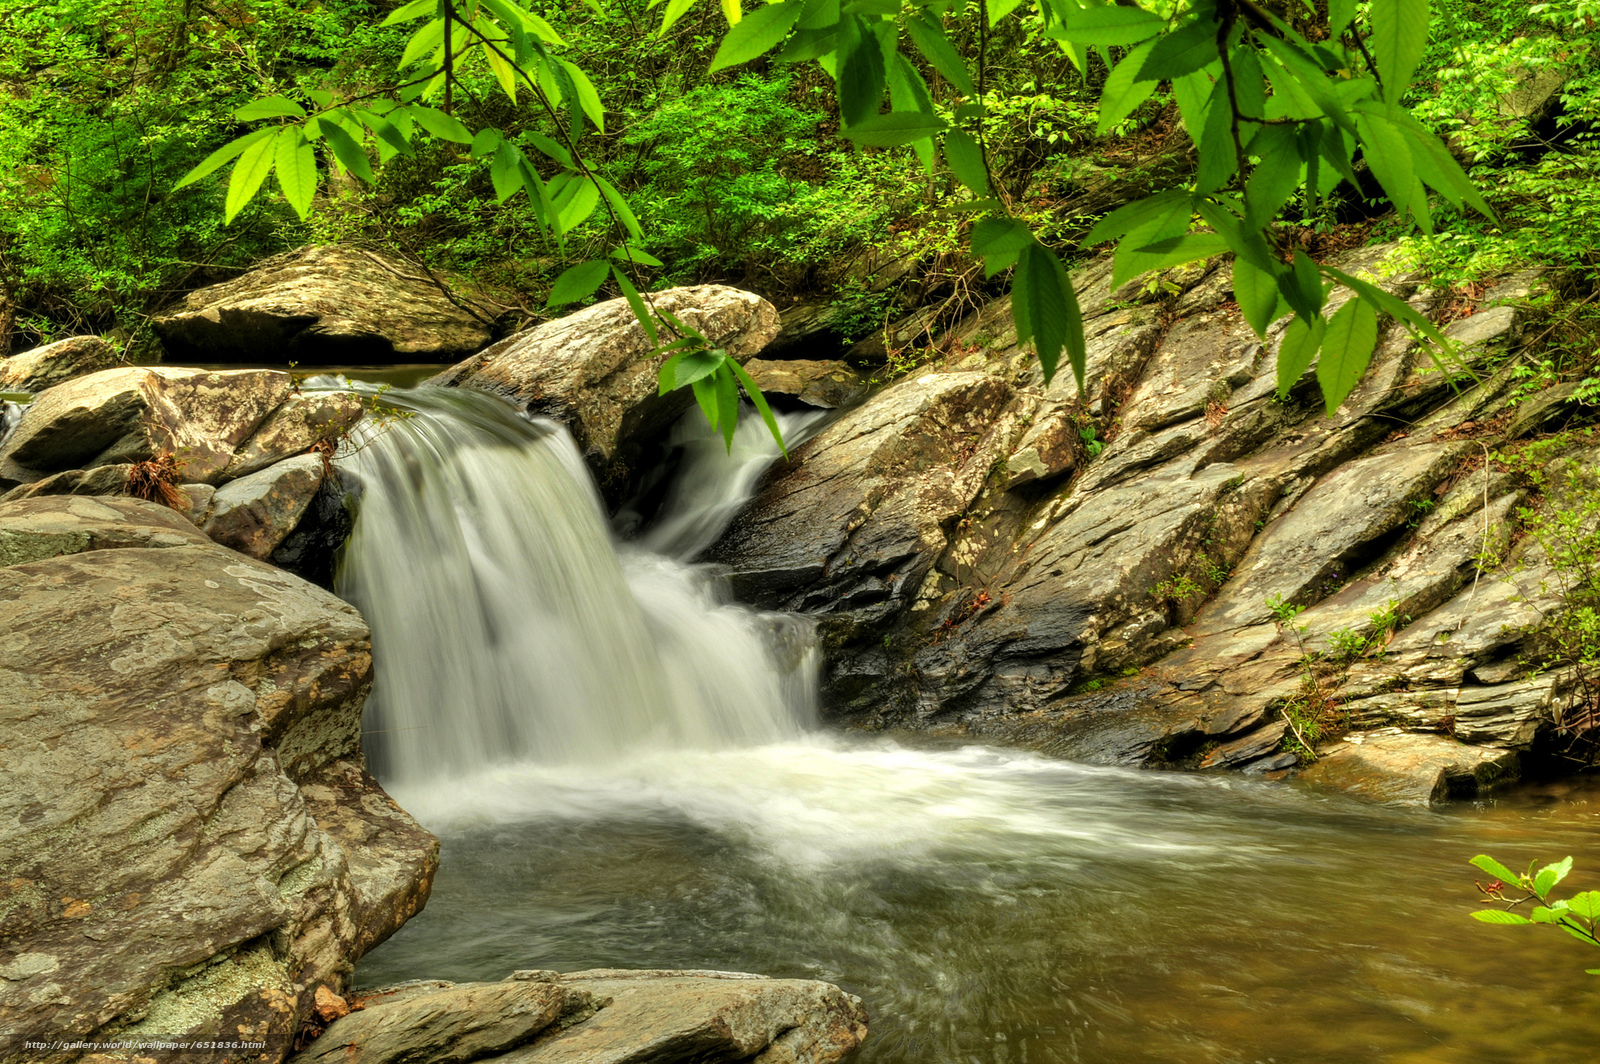 Скачать обои водопад,  скалы,  река,  лес бесплатно для рабочего стола в разрешении 2048x1362 — картинка №651836